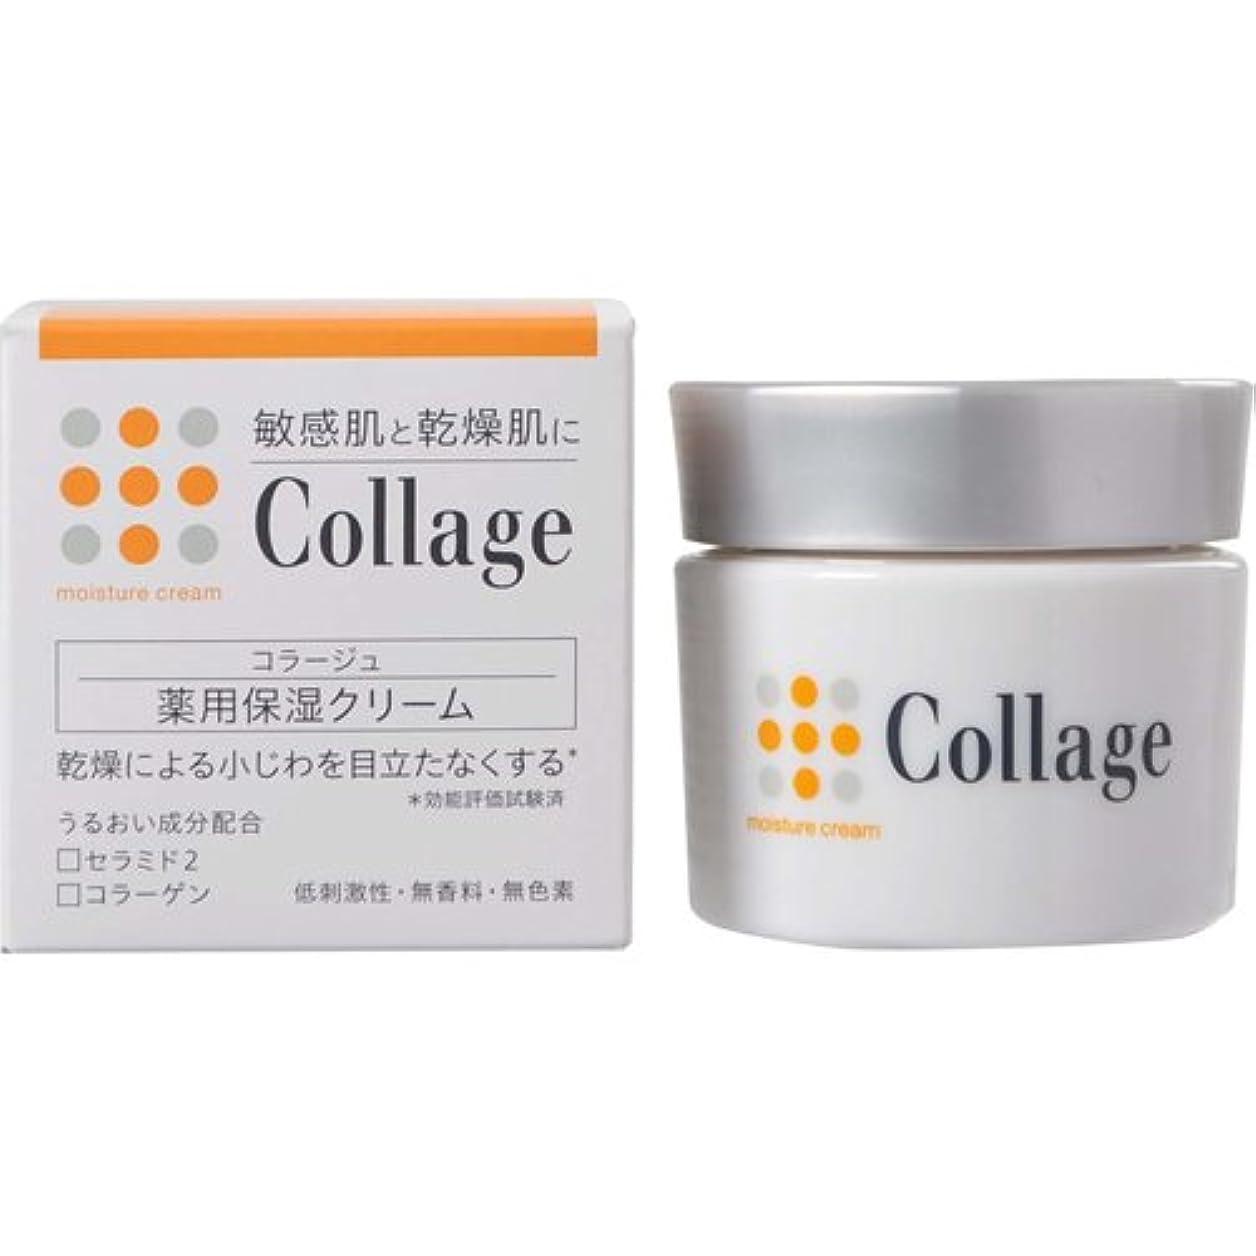 キルトあらゆる種類の不正直コラージュ 薬用保湿クリーム 30g 【医薬部外品】